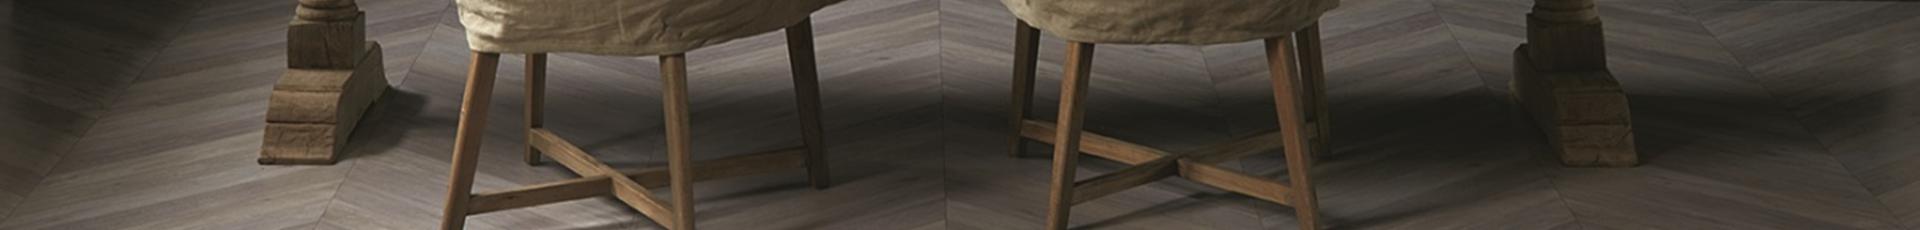 frenk-stoop-vloer-PVC-Novilon-slide